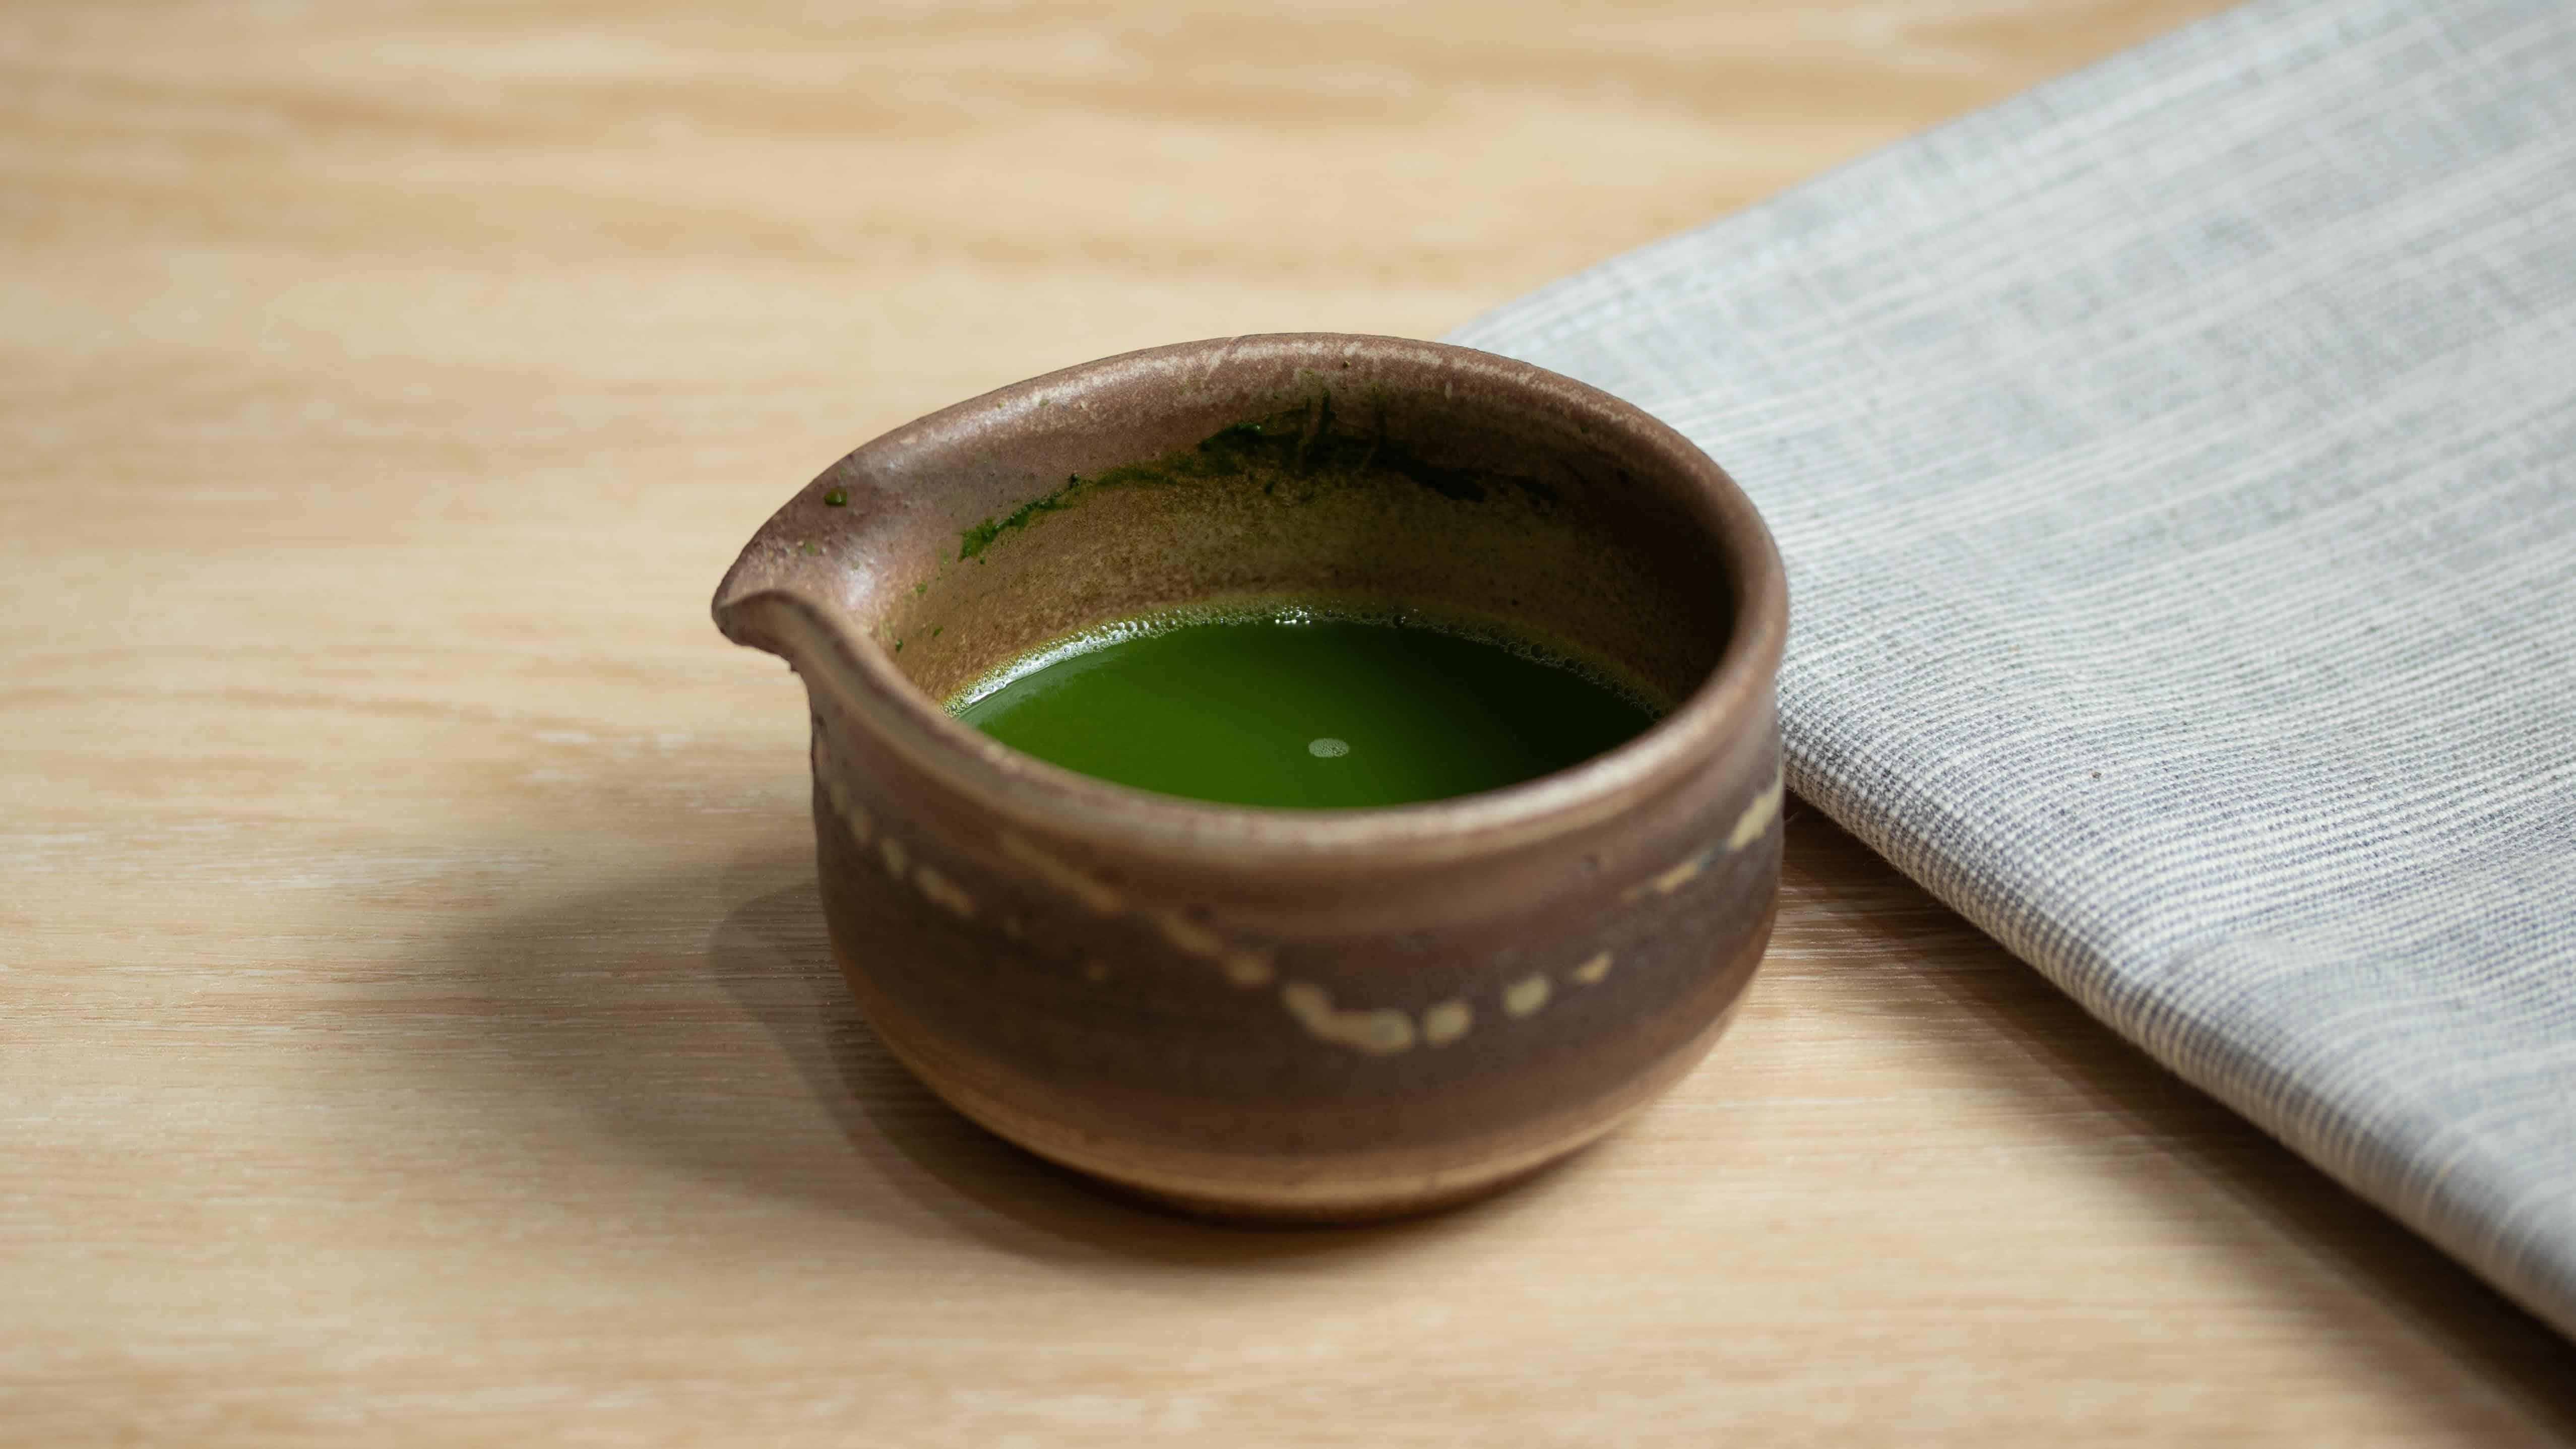 Matcha shot in a bowl for matcha affogato